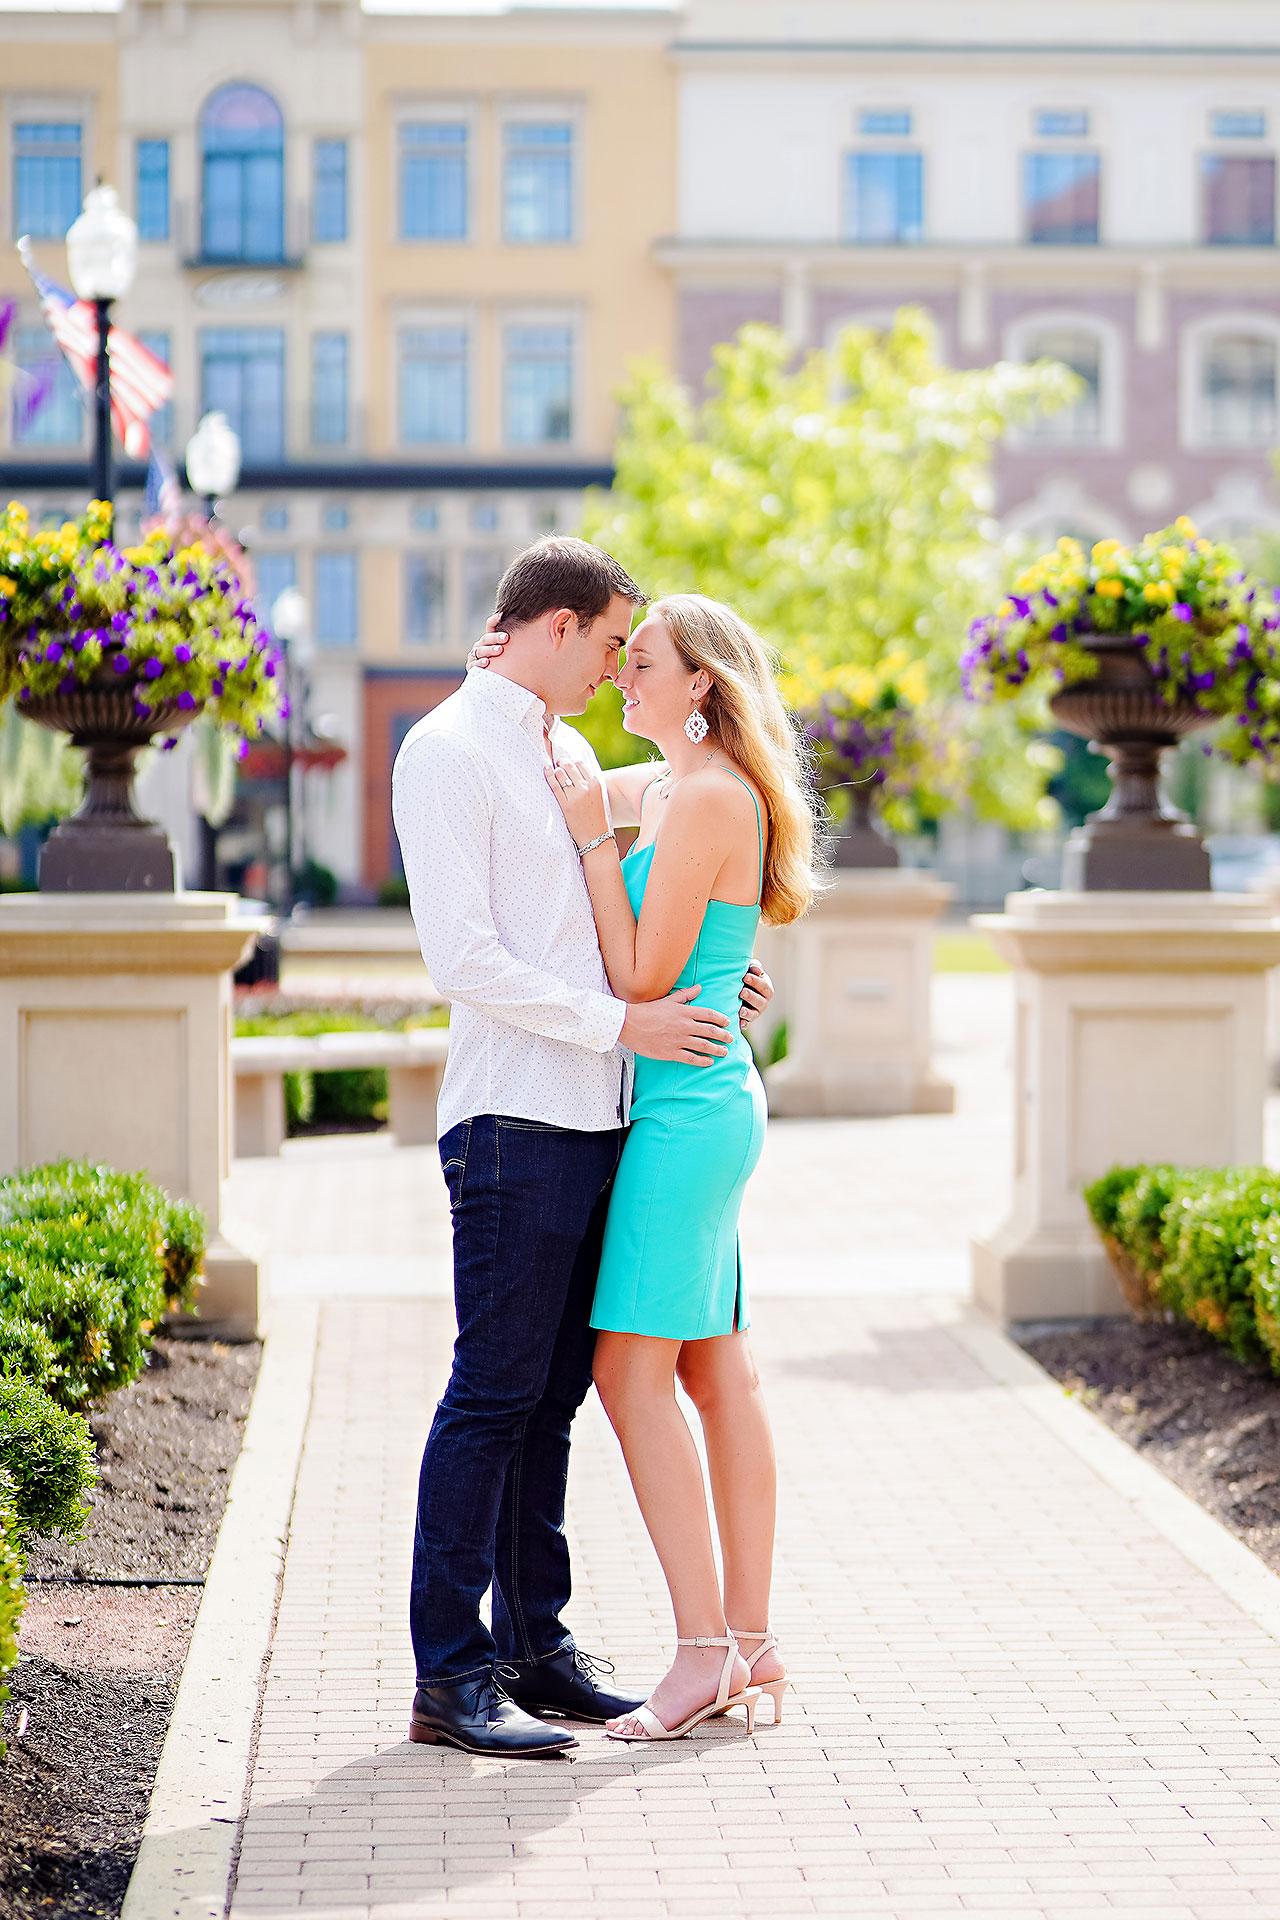 Liz Zach Midtown Carmel Engagement Session 074